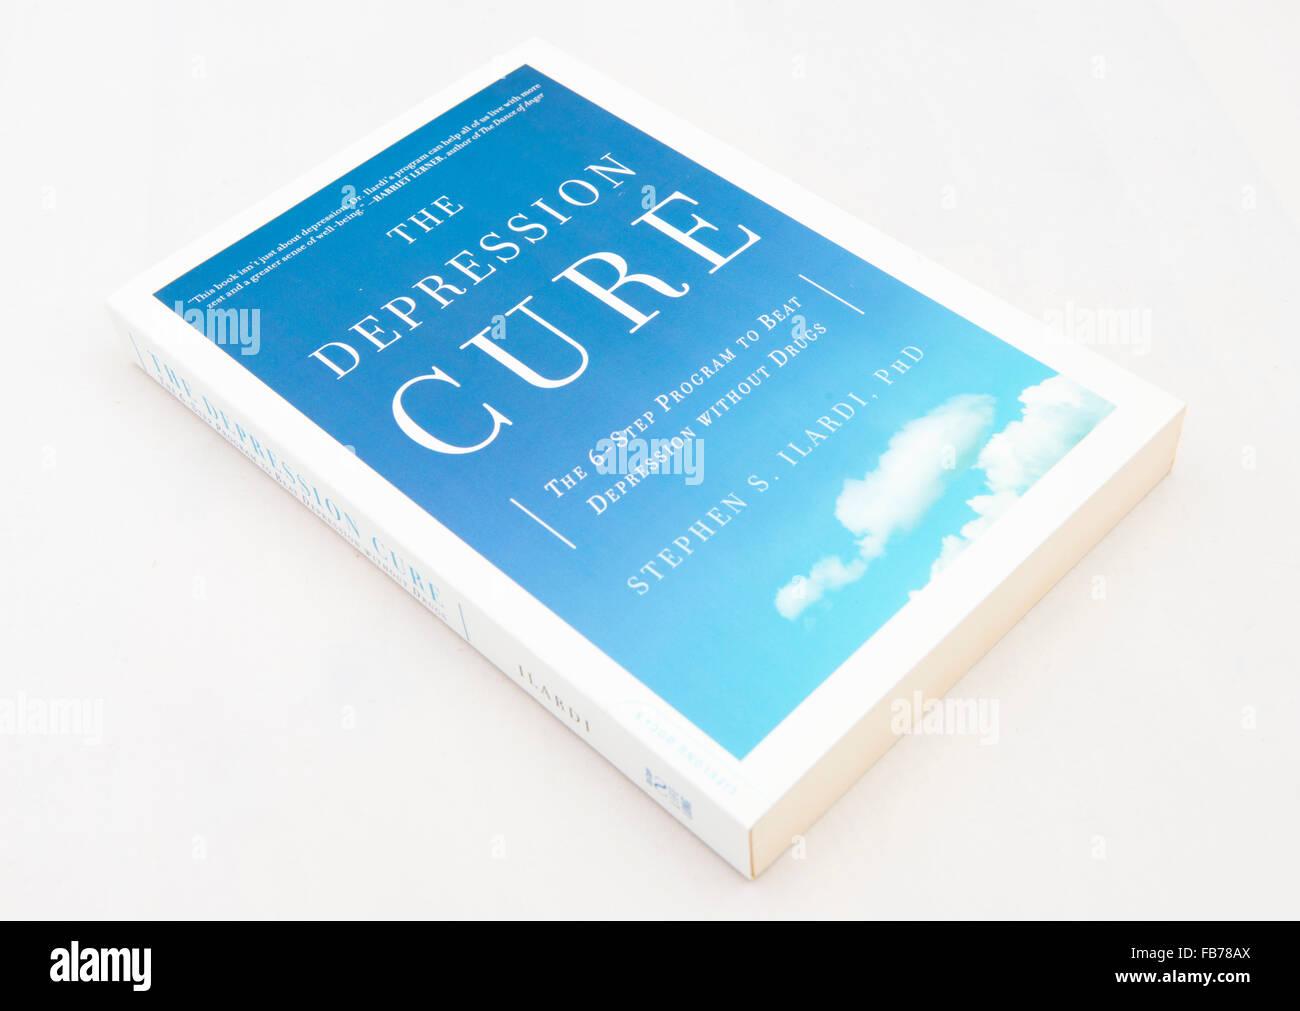 Die Depression Heilung: Der 6-Schritte-Programm gegen Depression ohne Medikamente durch Stephen S. Ilardi. Stockbild